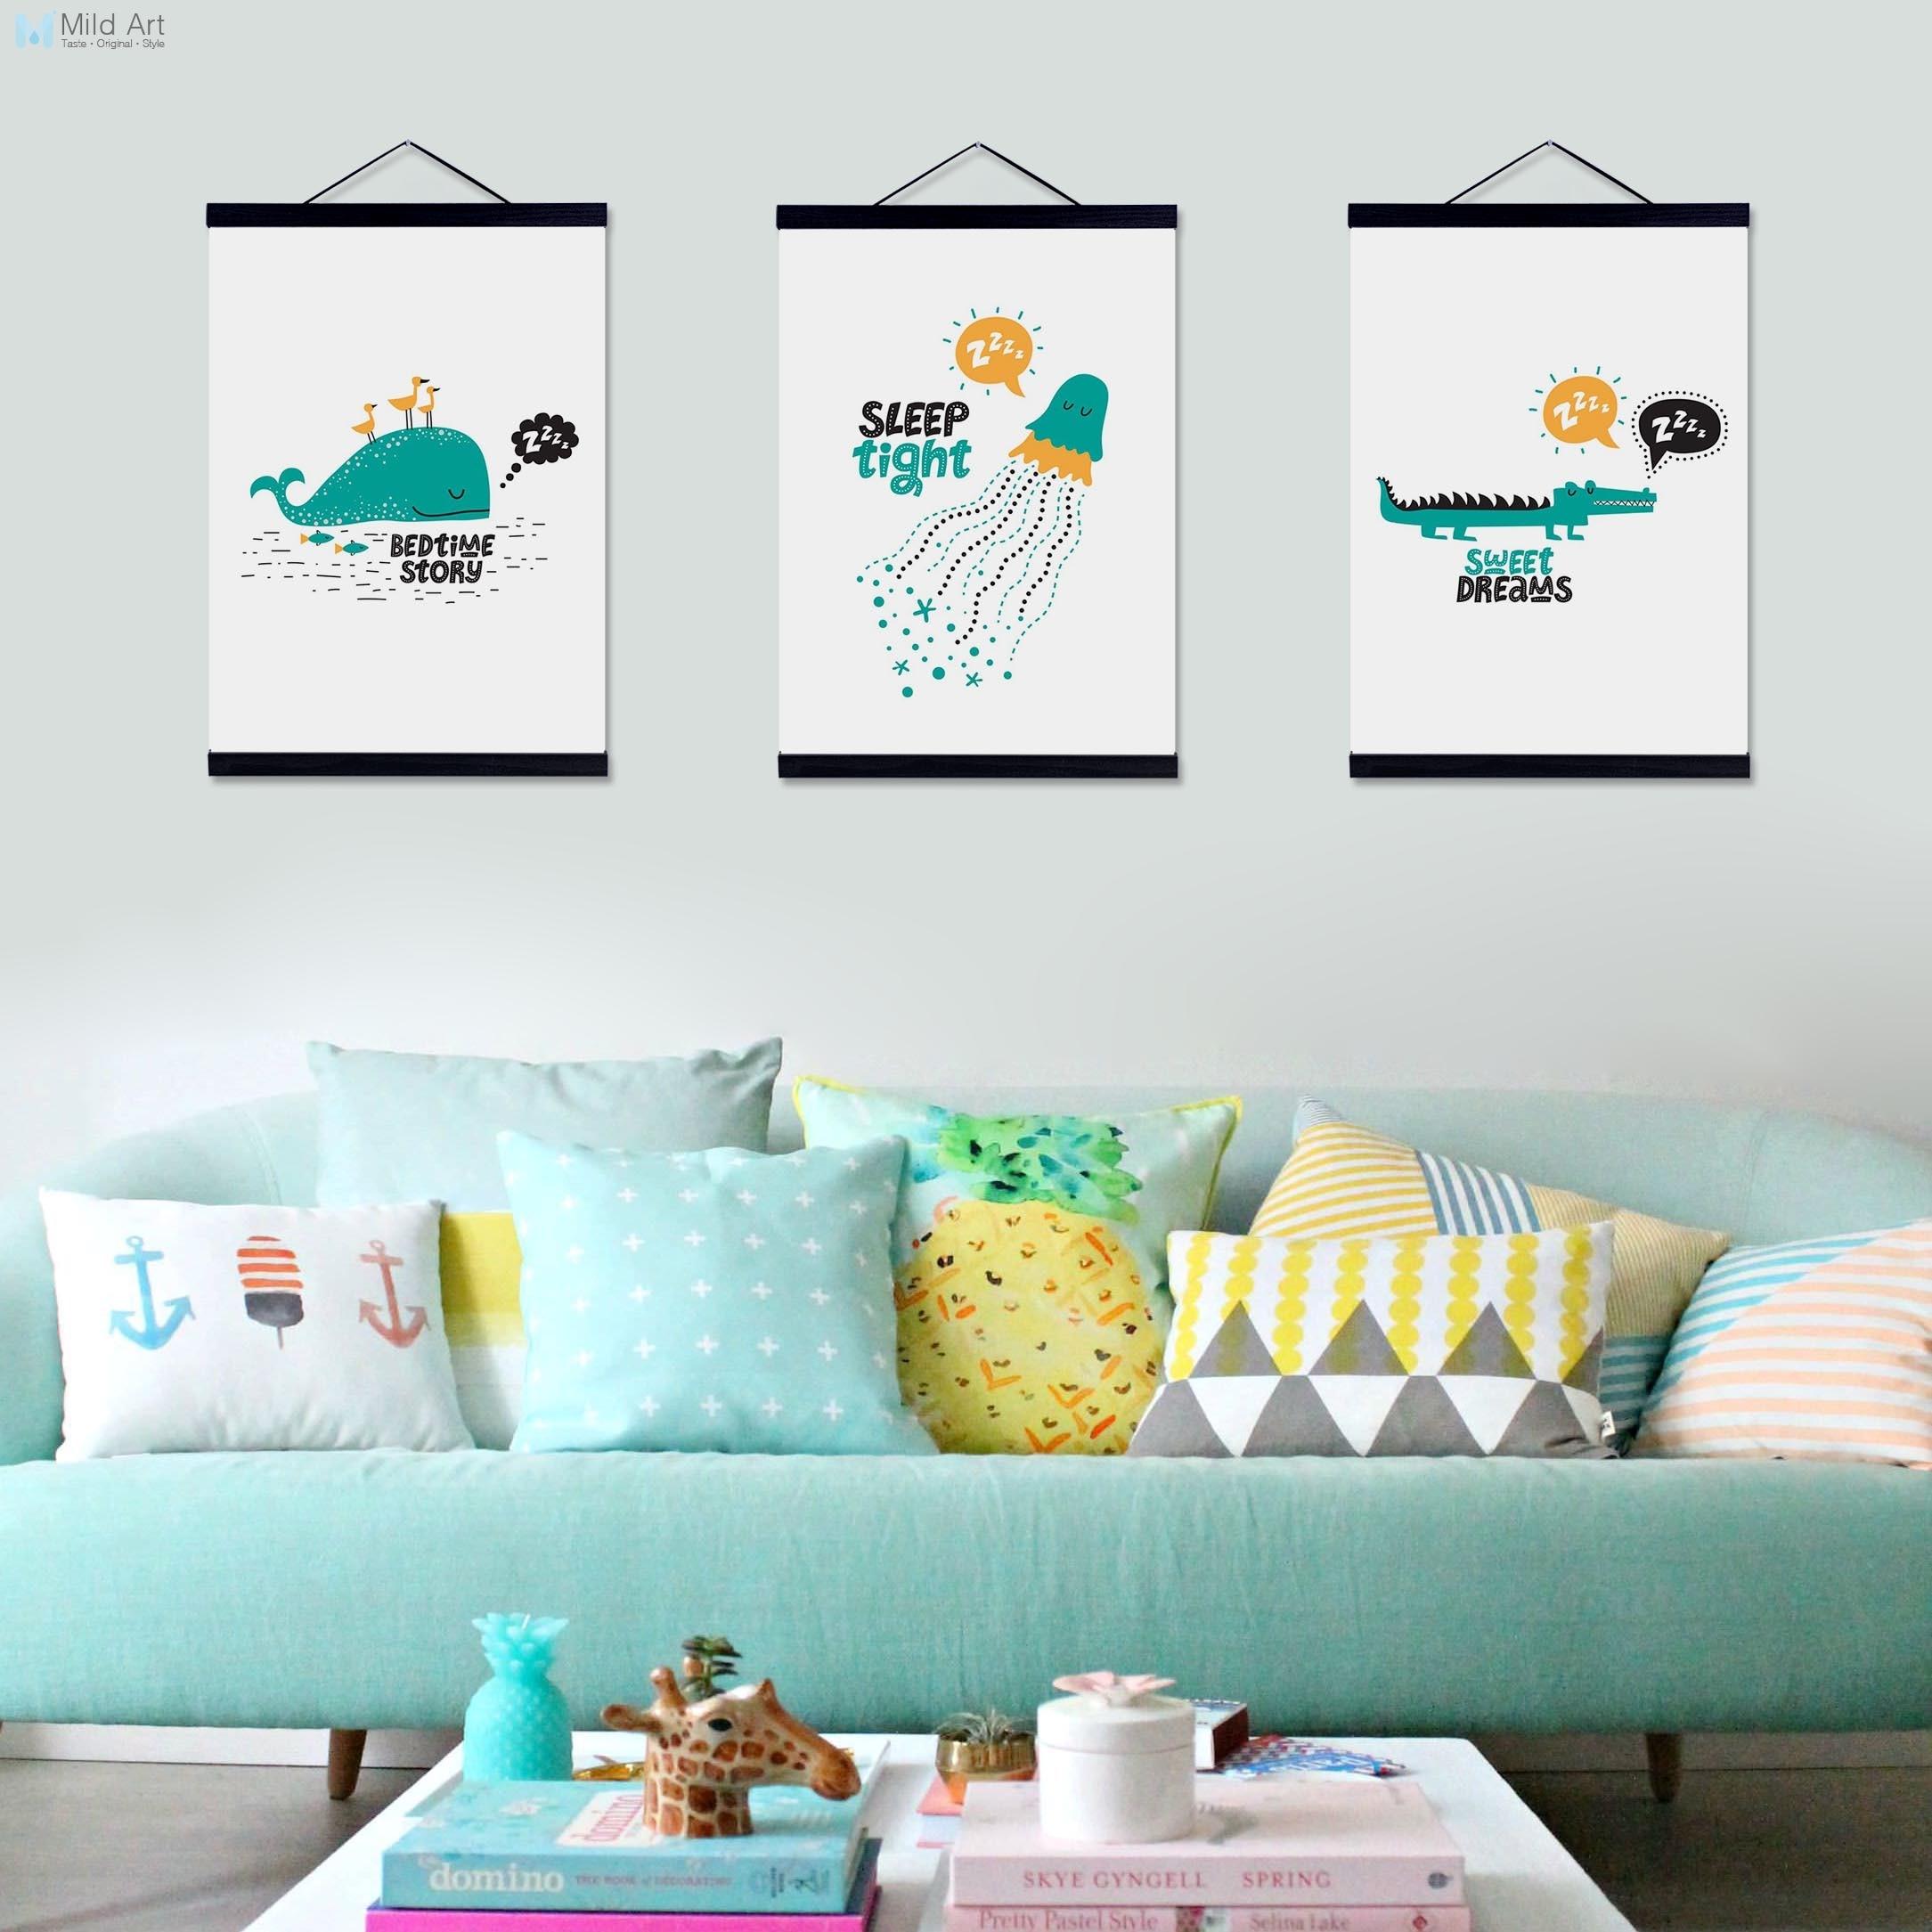 2019 Nieuwste Ontwerp Leuke Slapen Dieren Eend Krokodil Houten Ingelijst Canvas Schilderij Nordic Kids Baby Bed Kamer Deco Wall Art Foto Poster Scroll Perfect In Vakmanschap